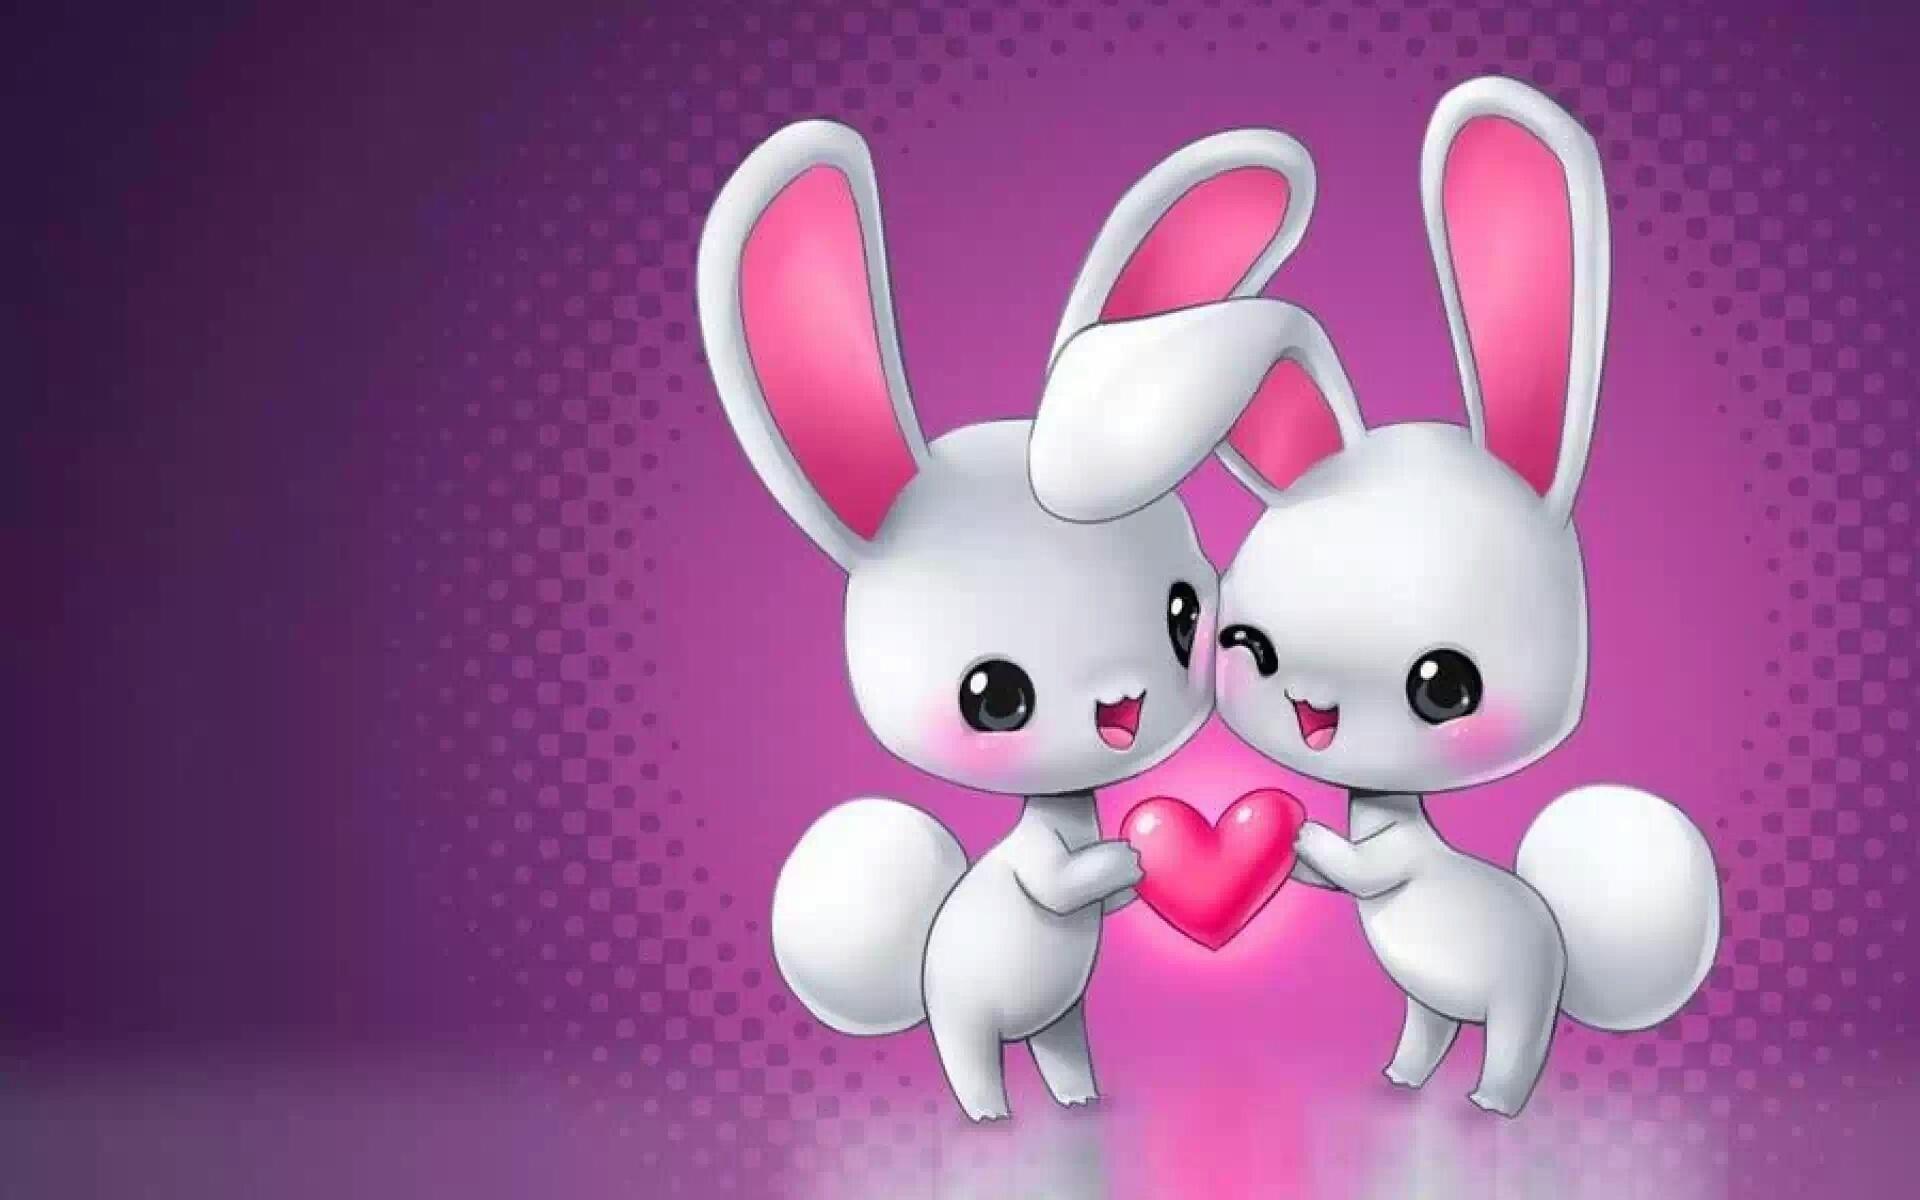 красивые картинки о любви с зайками